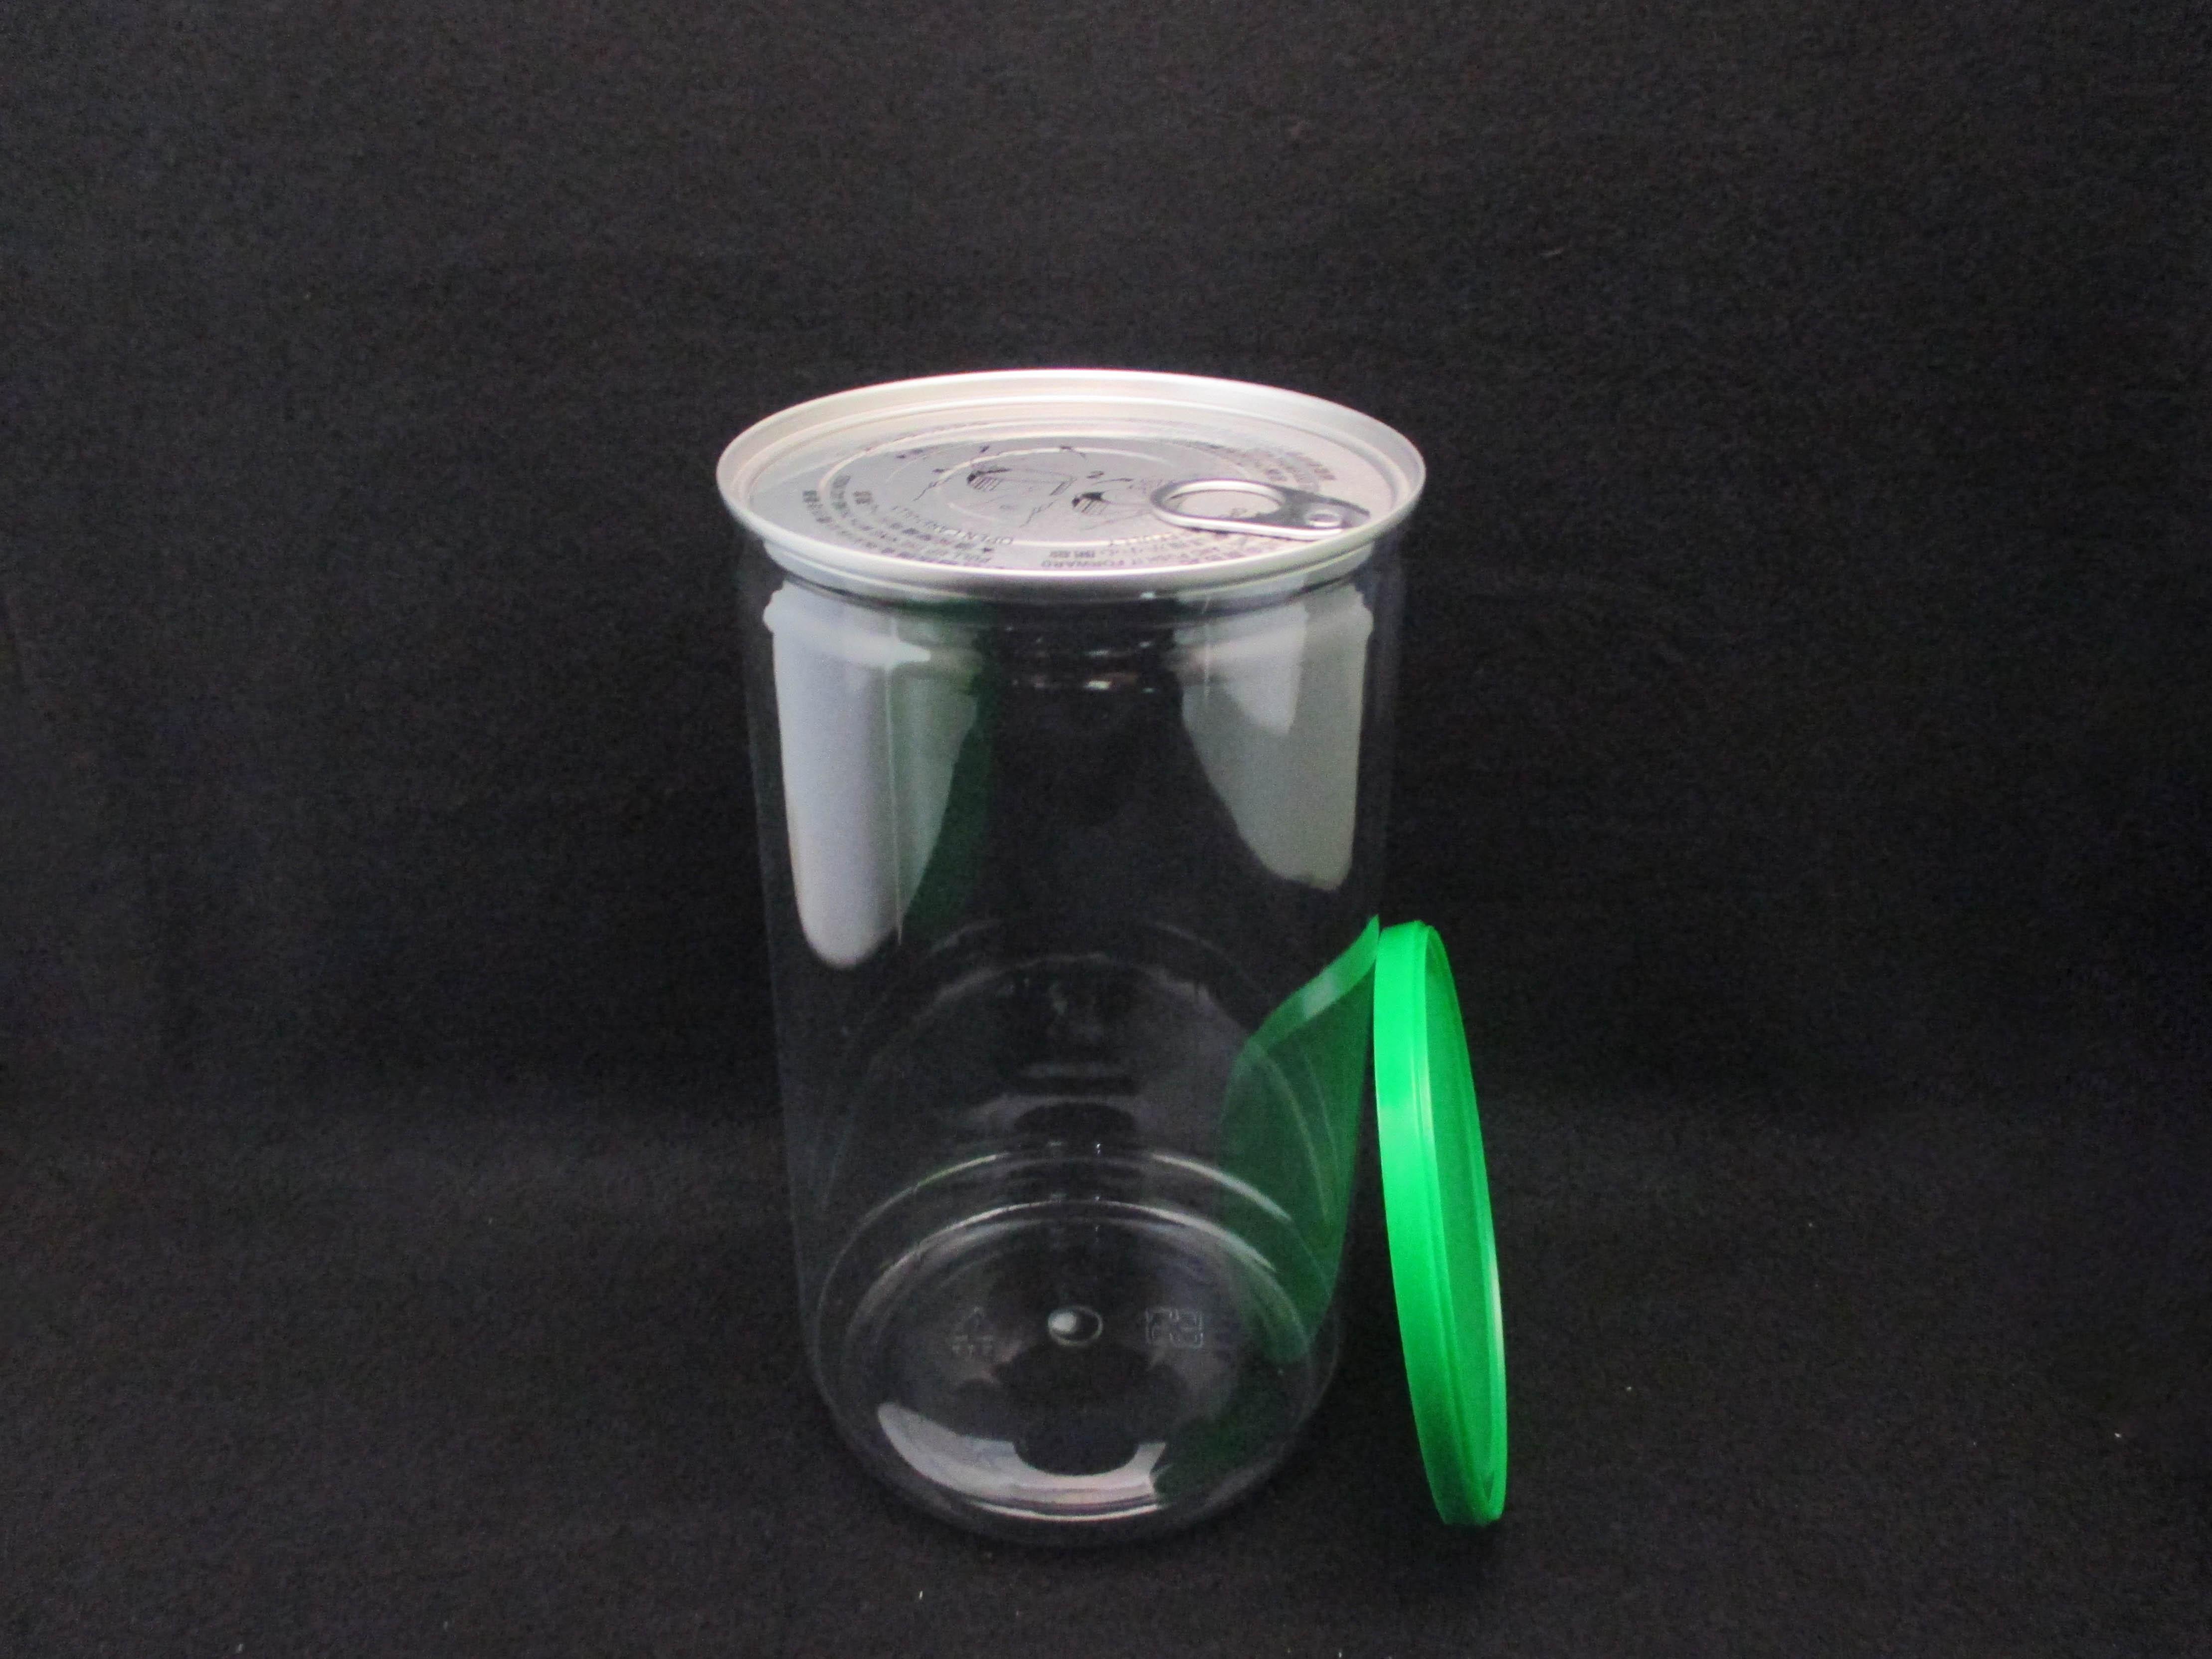 PET-JAR-EASY-OPEN-401-1300